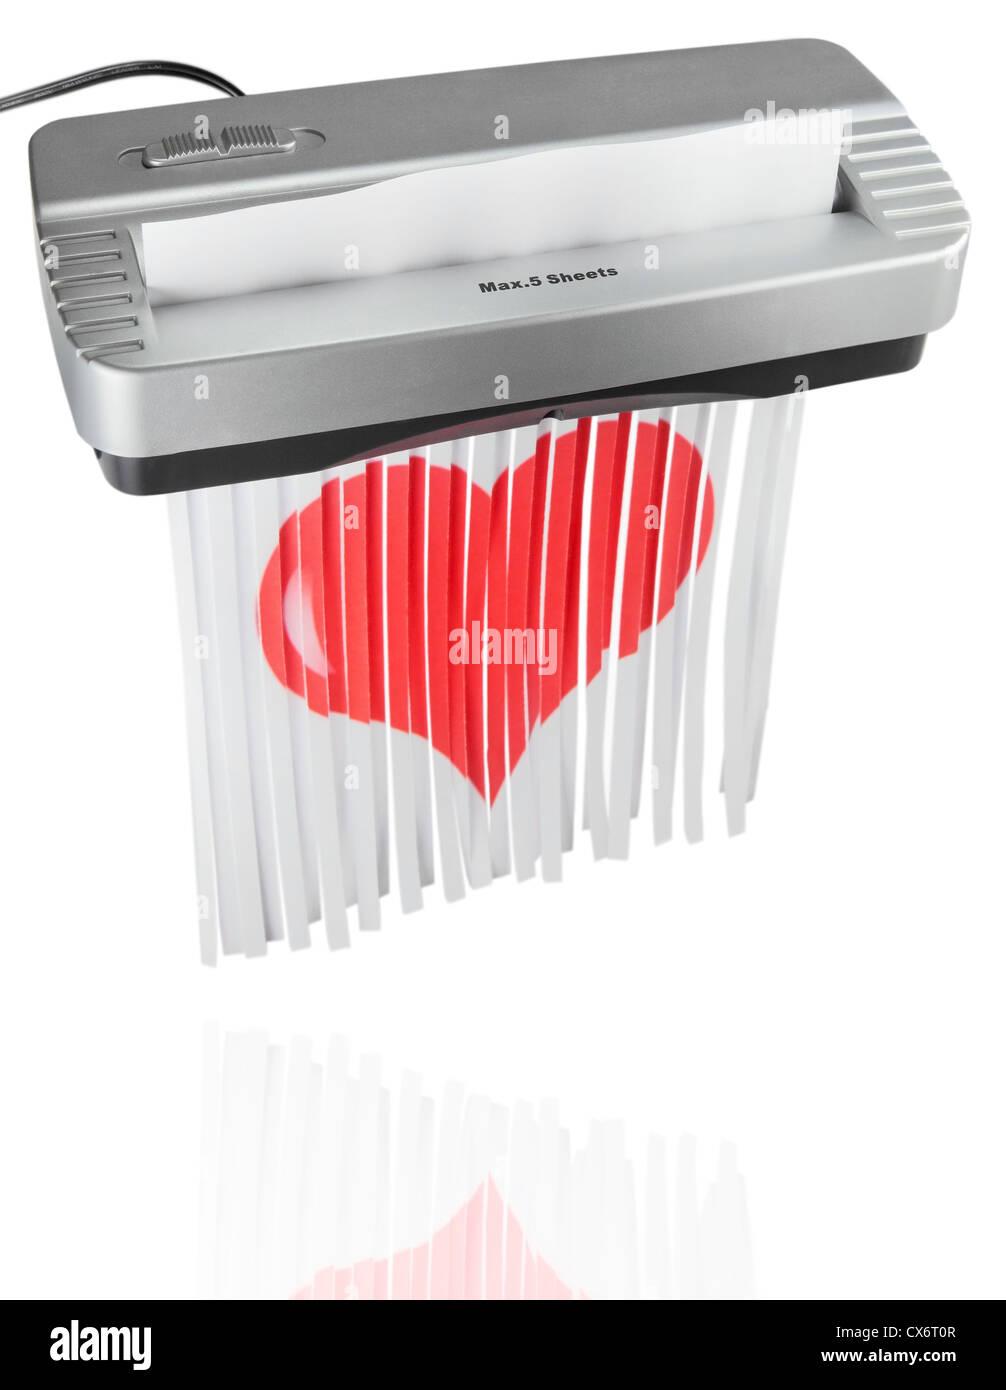 Une déchiqueteuse électrique qui déchiquette un papier rouge coeur. Copier l'espace. Isolées. Banque D'Images